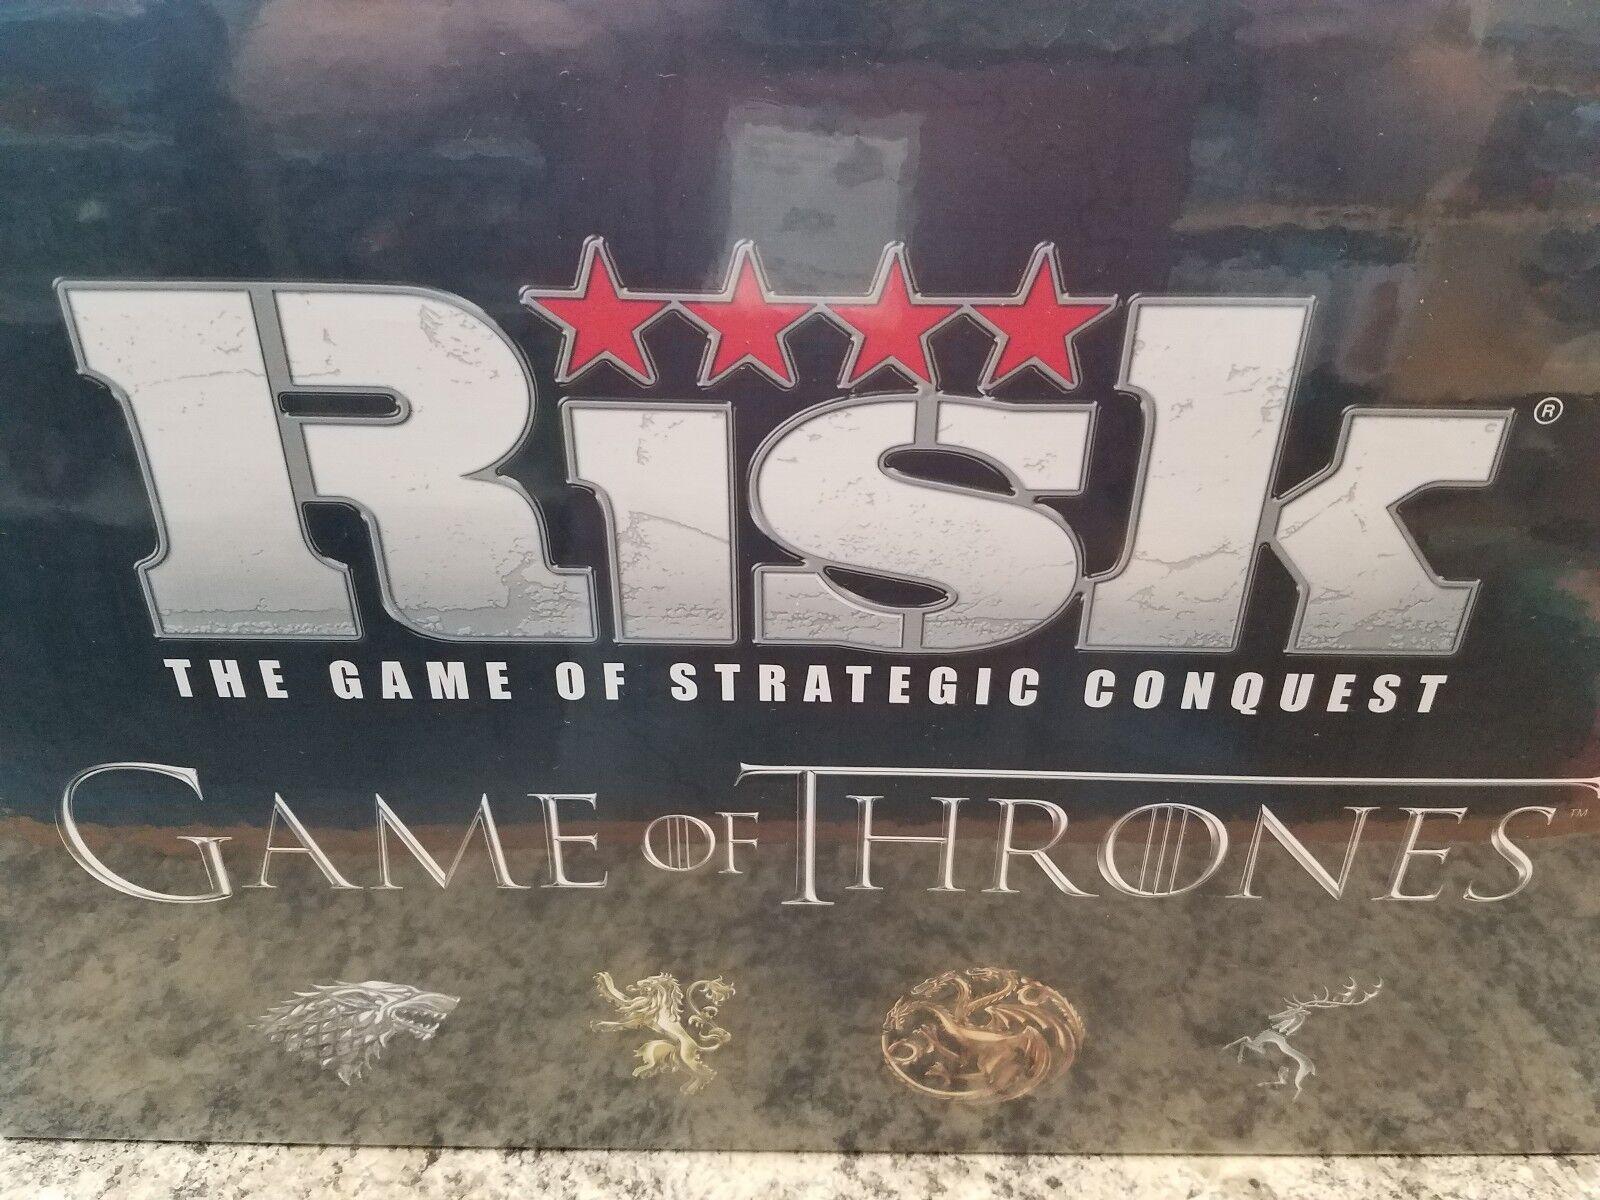 Juego de aventuras, trono - juego de tableros de juego nuevo ¡Juego de aventuras, trono - juego de tableros de juego nuevo